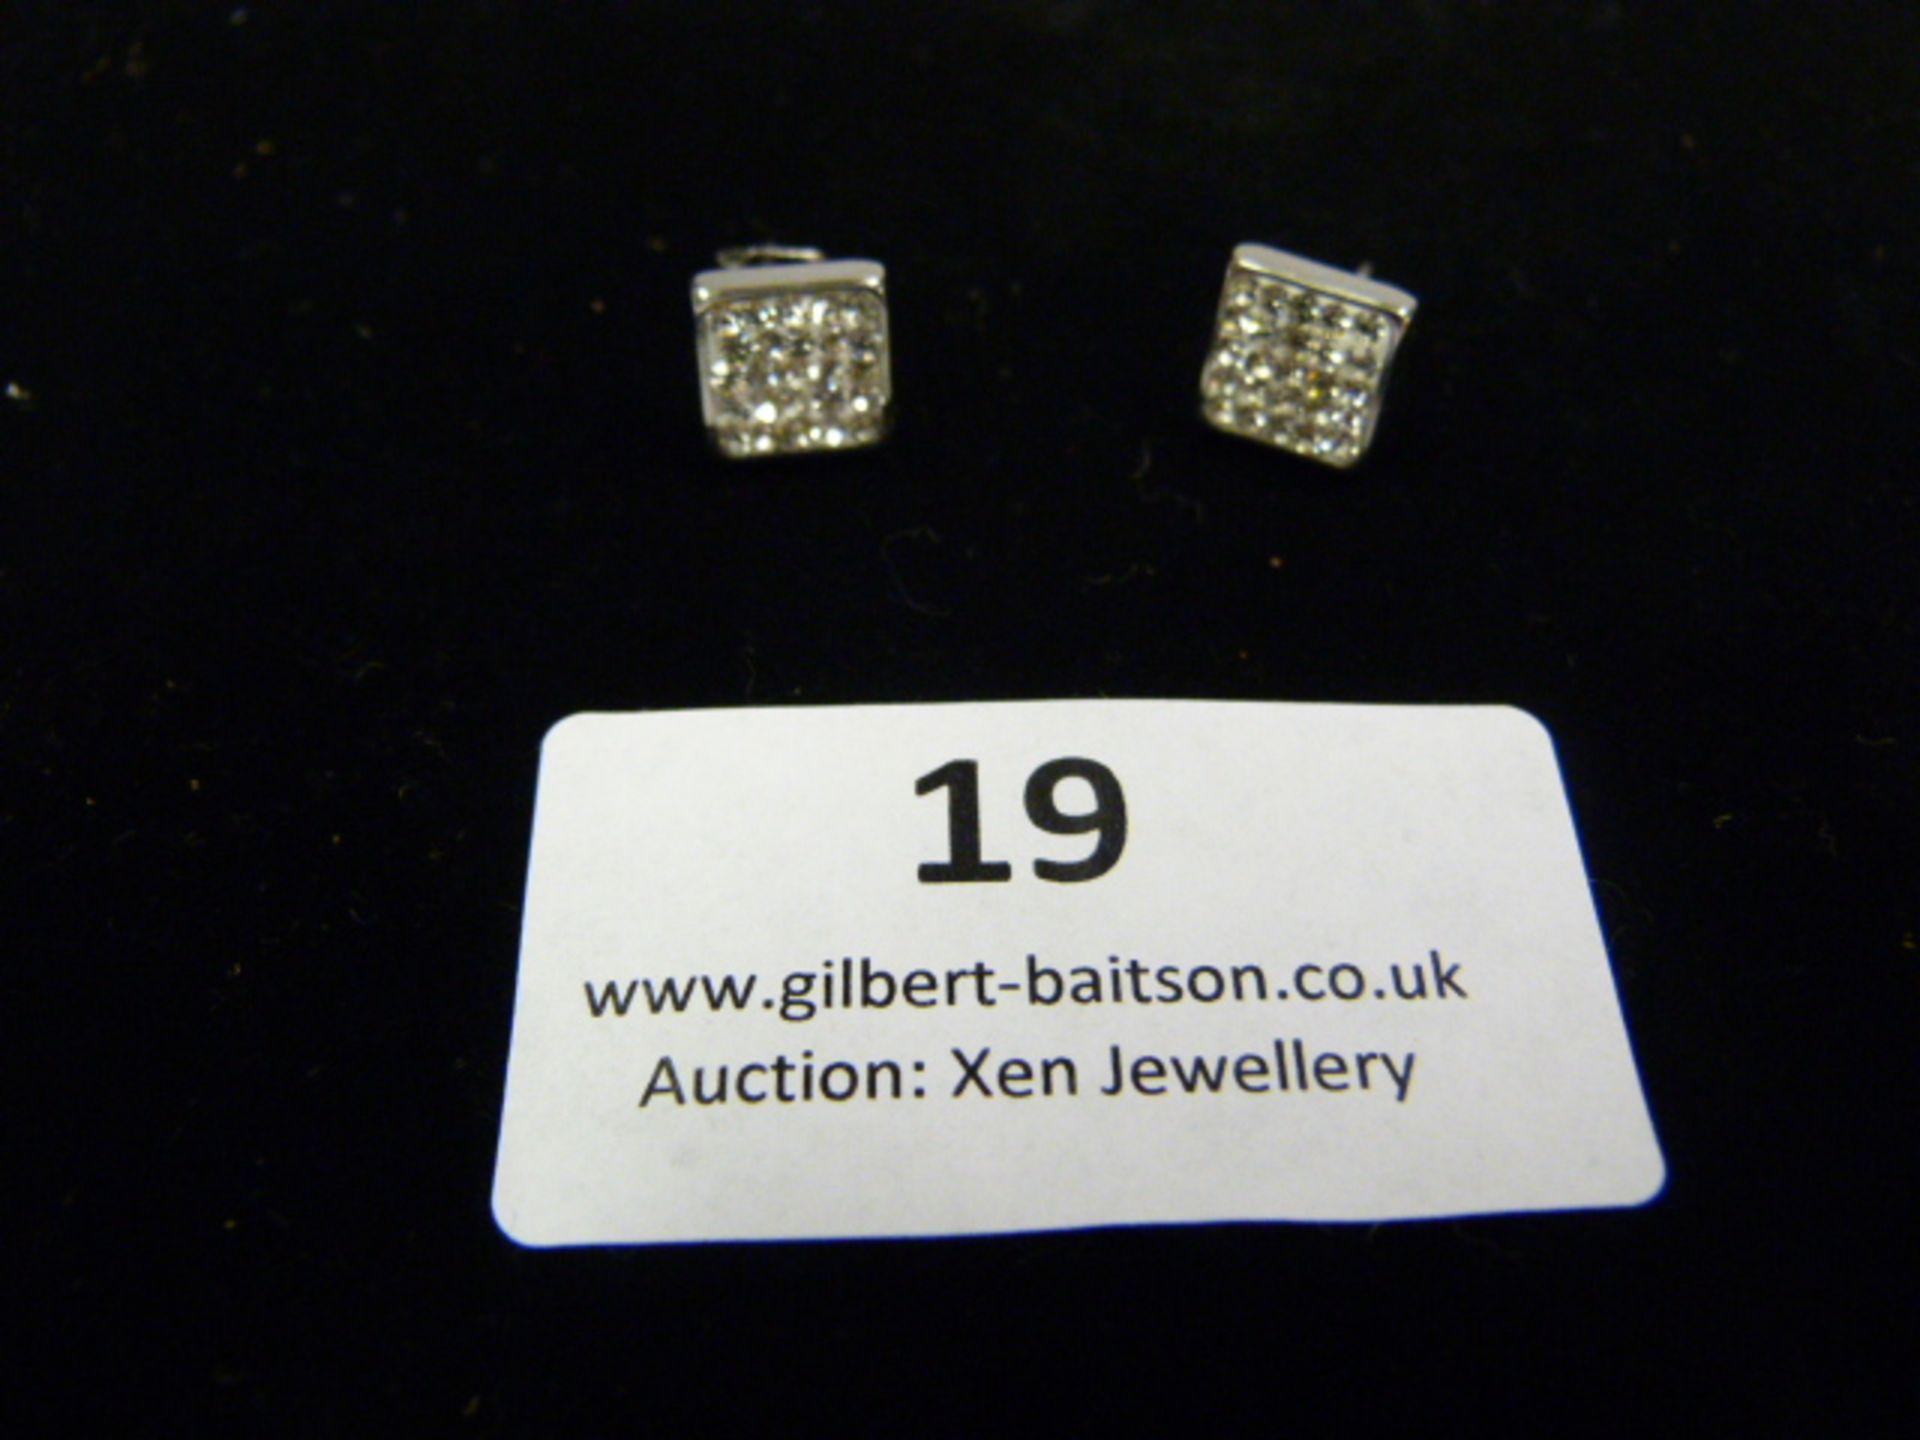 Lot 19 - *Pair of Coeur de Lion Square CZ Earrings